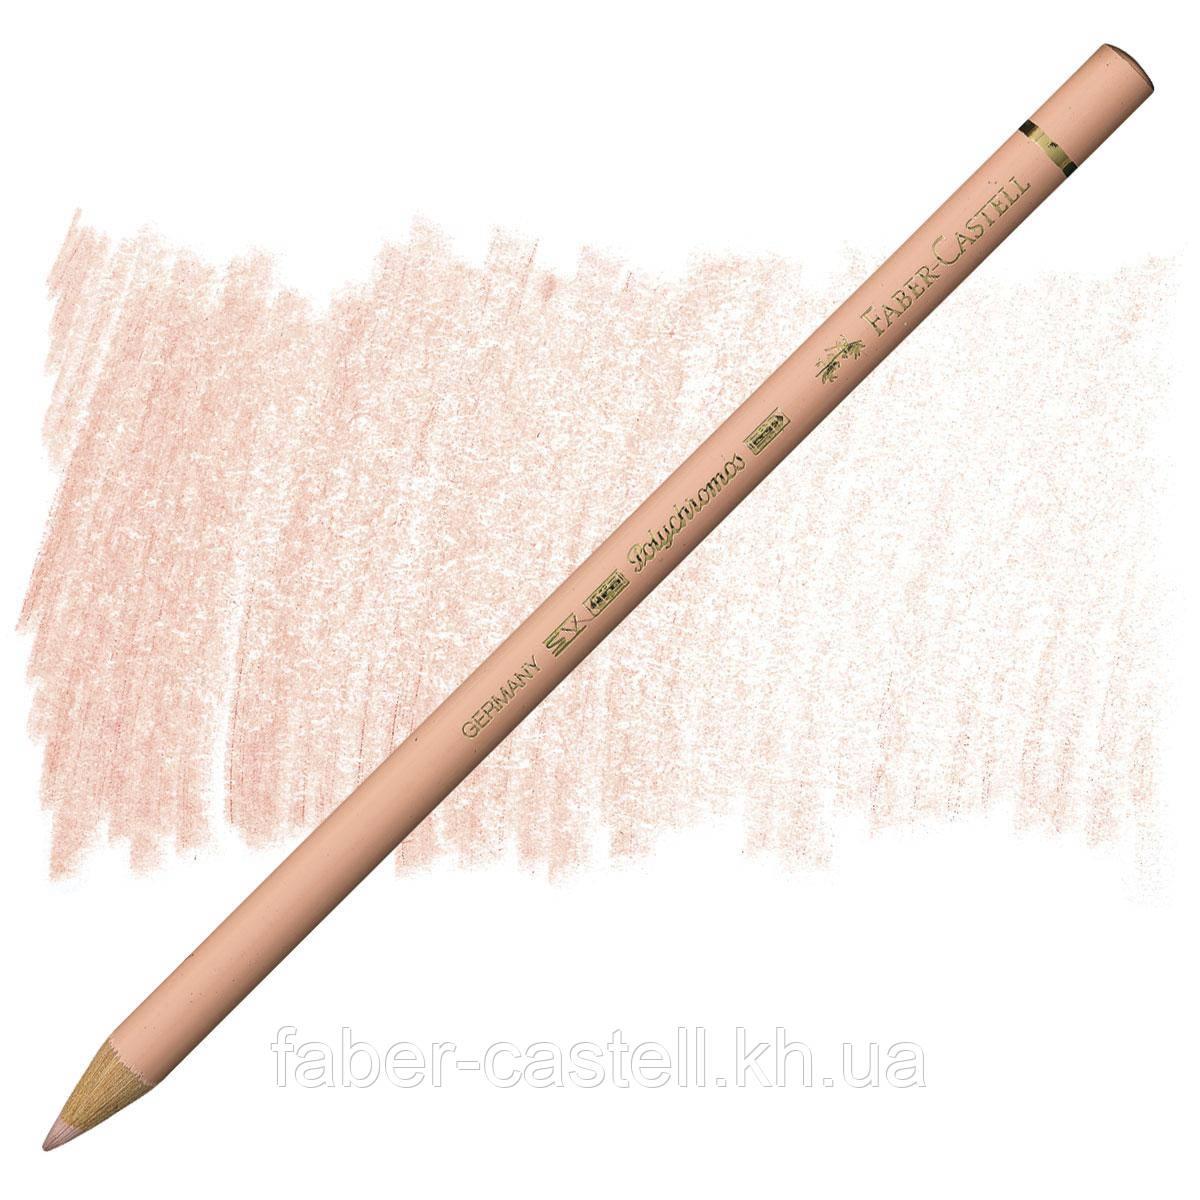 Карандаш цветной Faber-Castell POLYCHROMOS светло-телесный №132 (Light Flesh), 110132